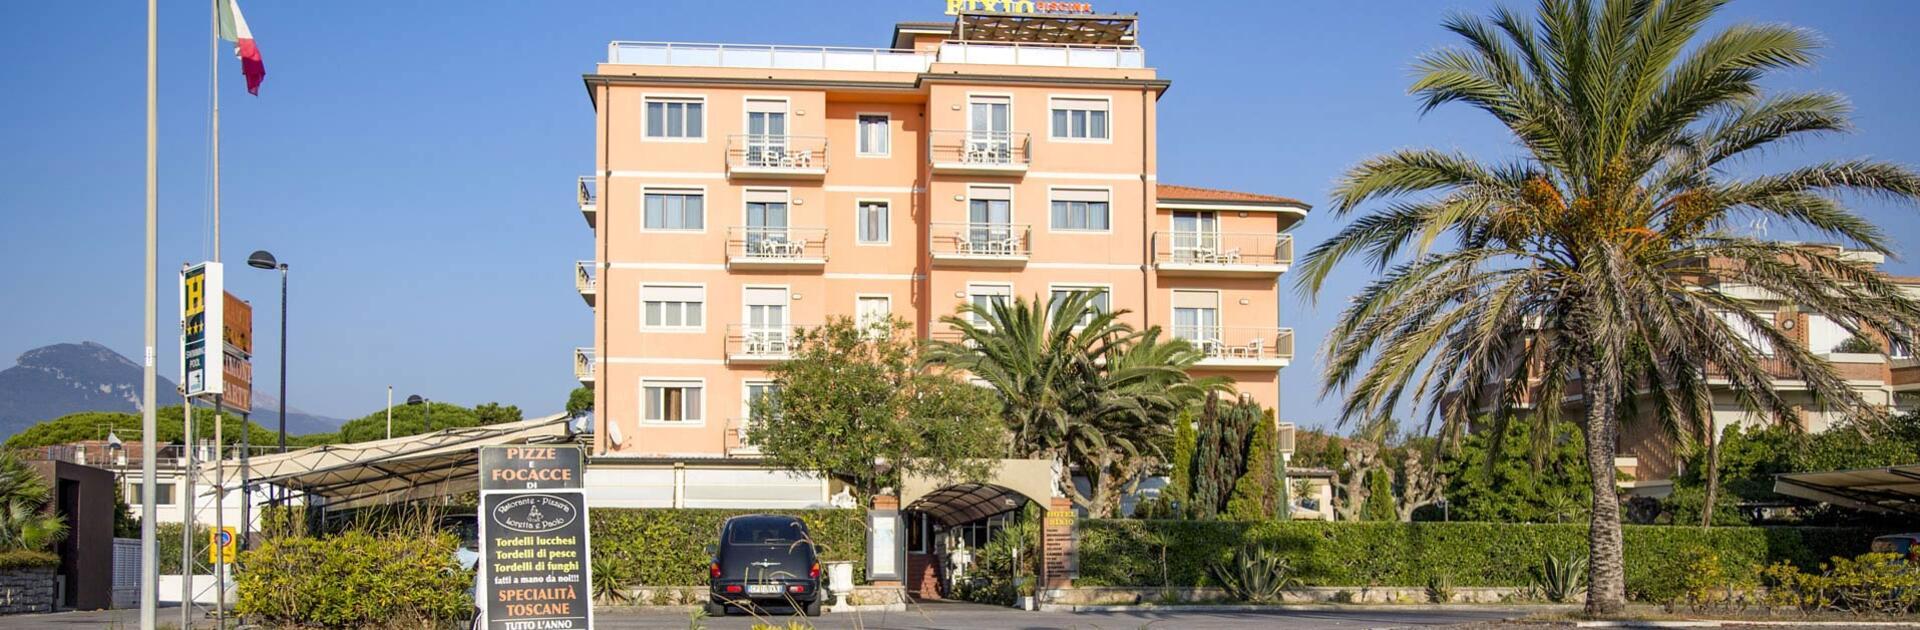 hotelbixio it accessibilita 009